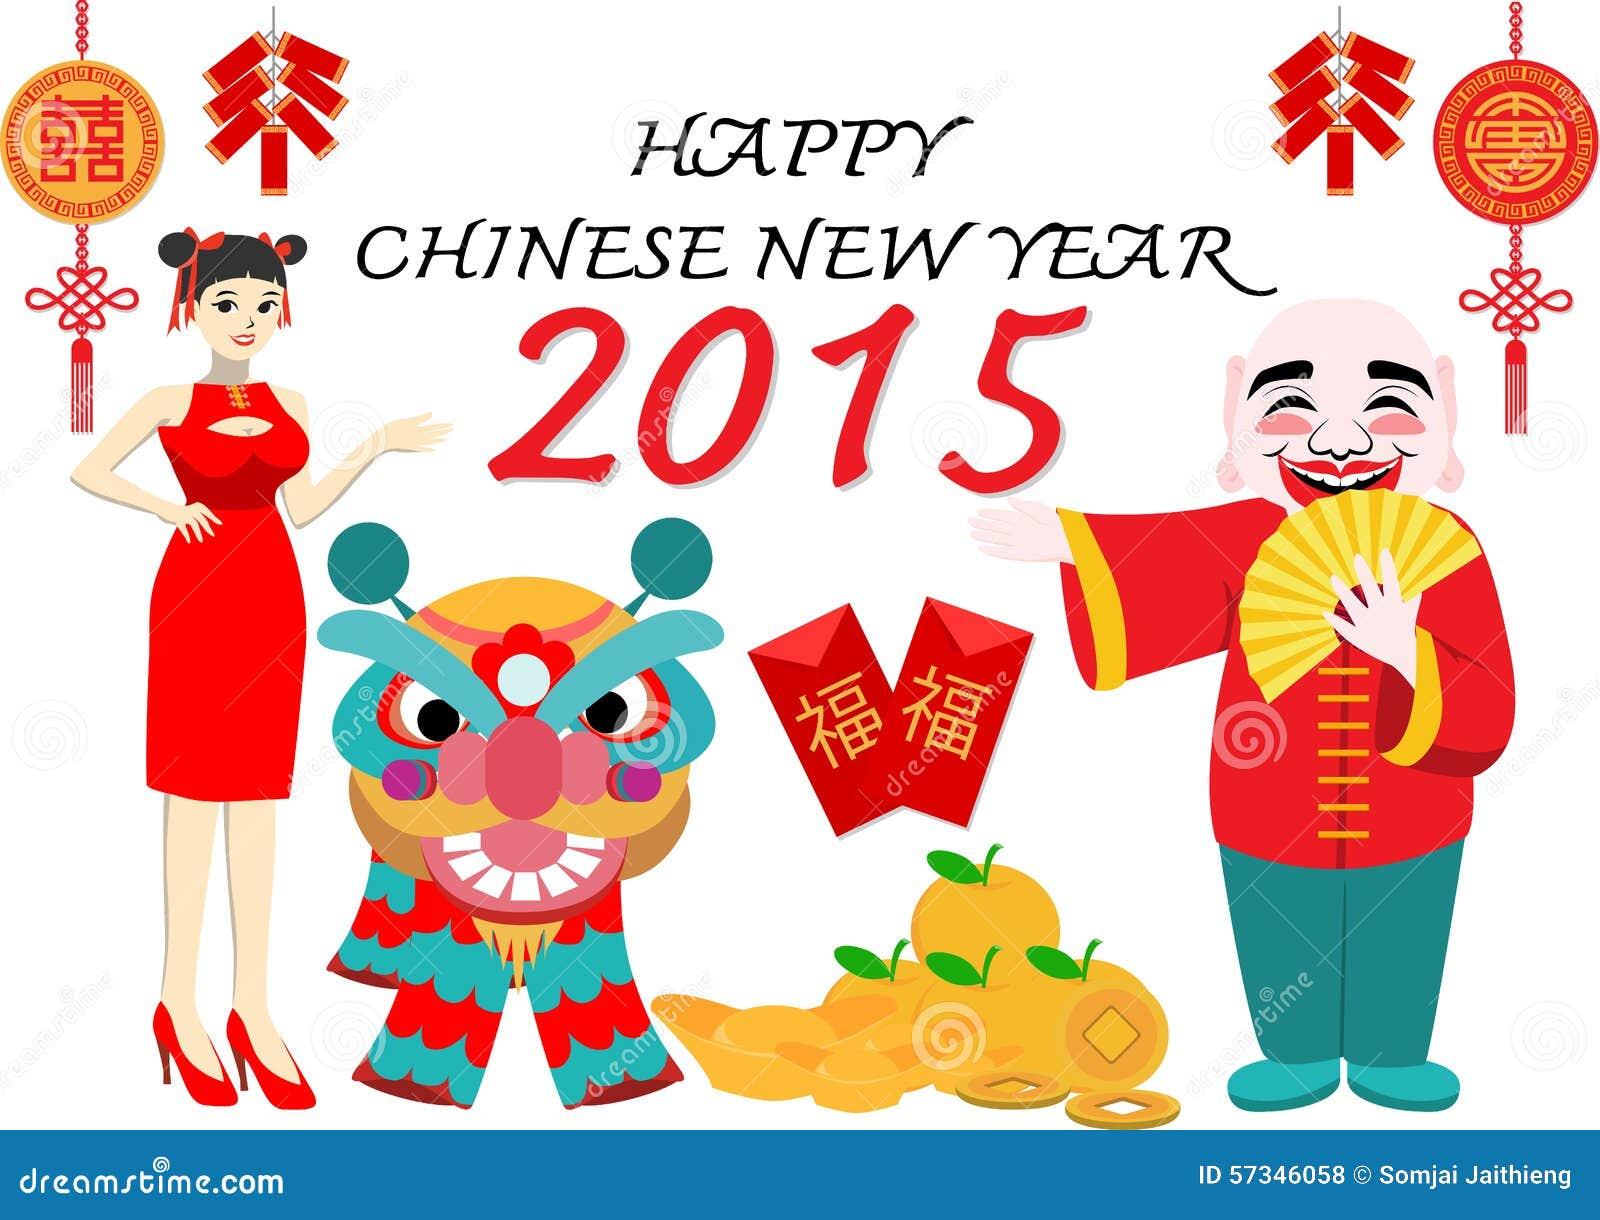 愉快的春节在中国,相当中国妇女,狮子丹的二千十五以词双幸福和长寿